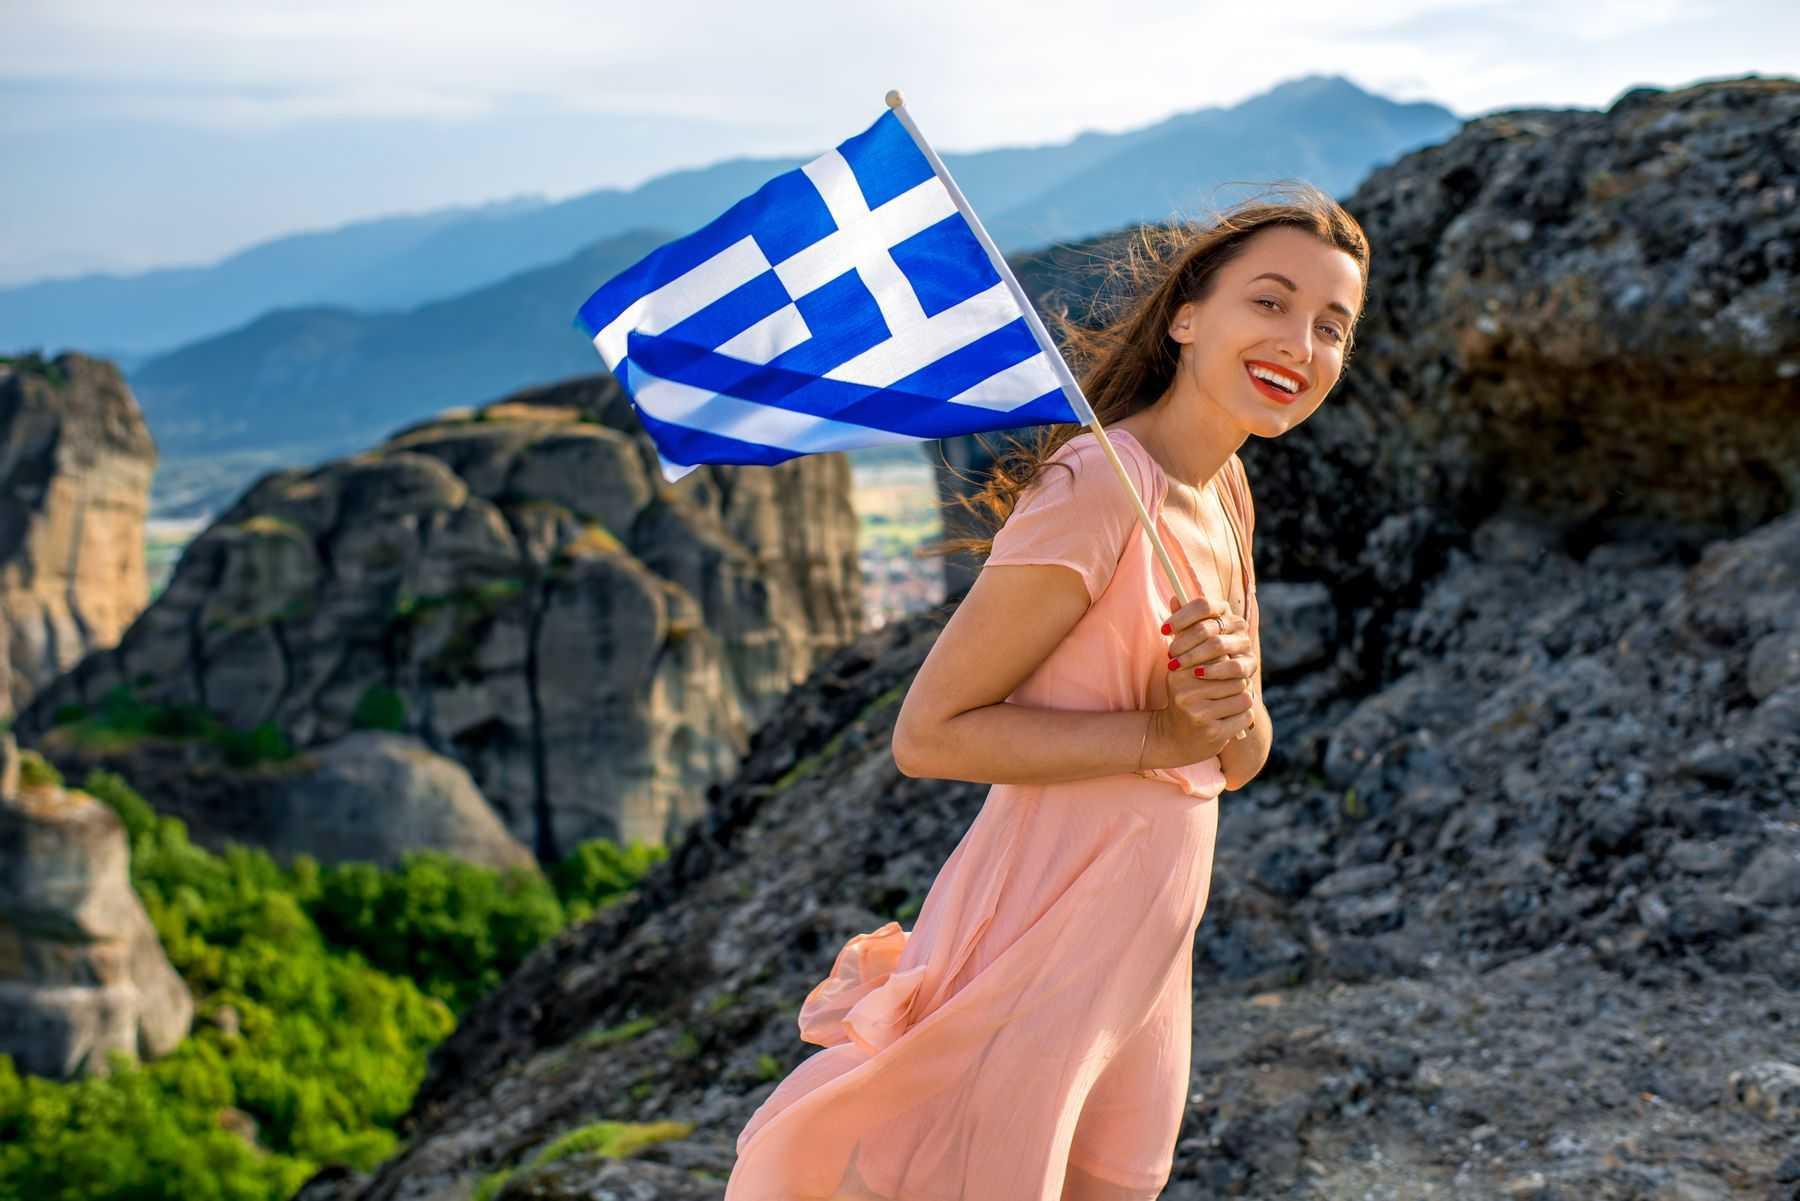 Pažintinė savaitgalio kelionė į Atėnus! Skrydžiai, 3n. su pusryčiais ir ekskursinė programa!